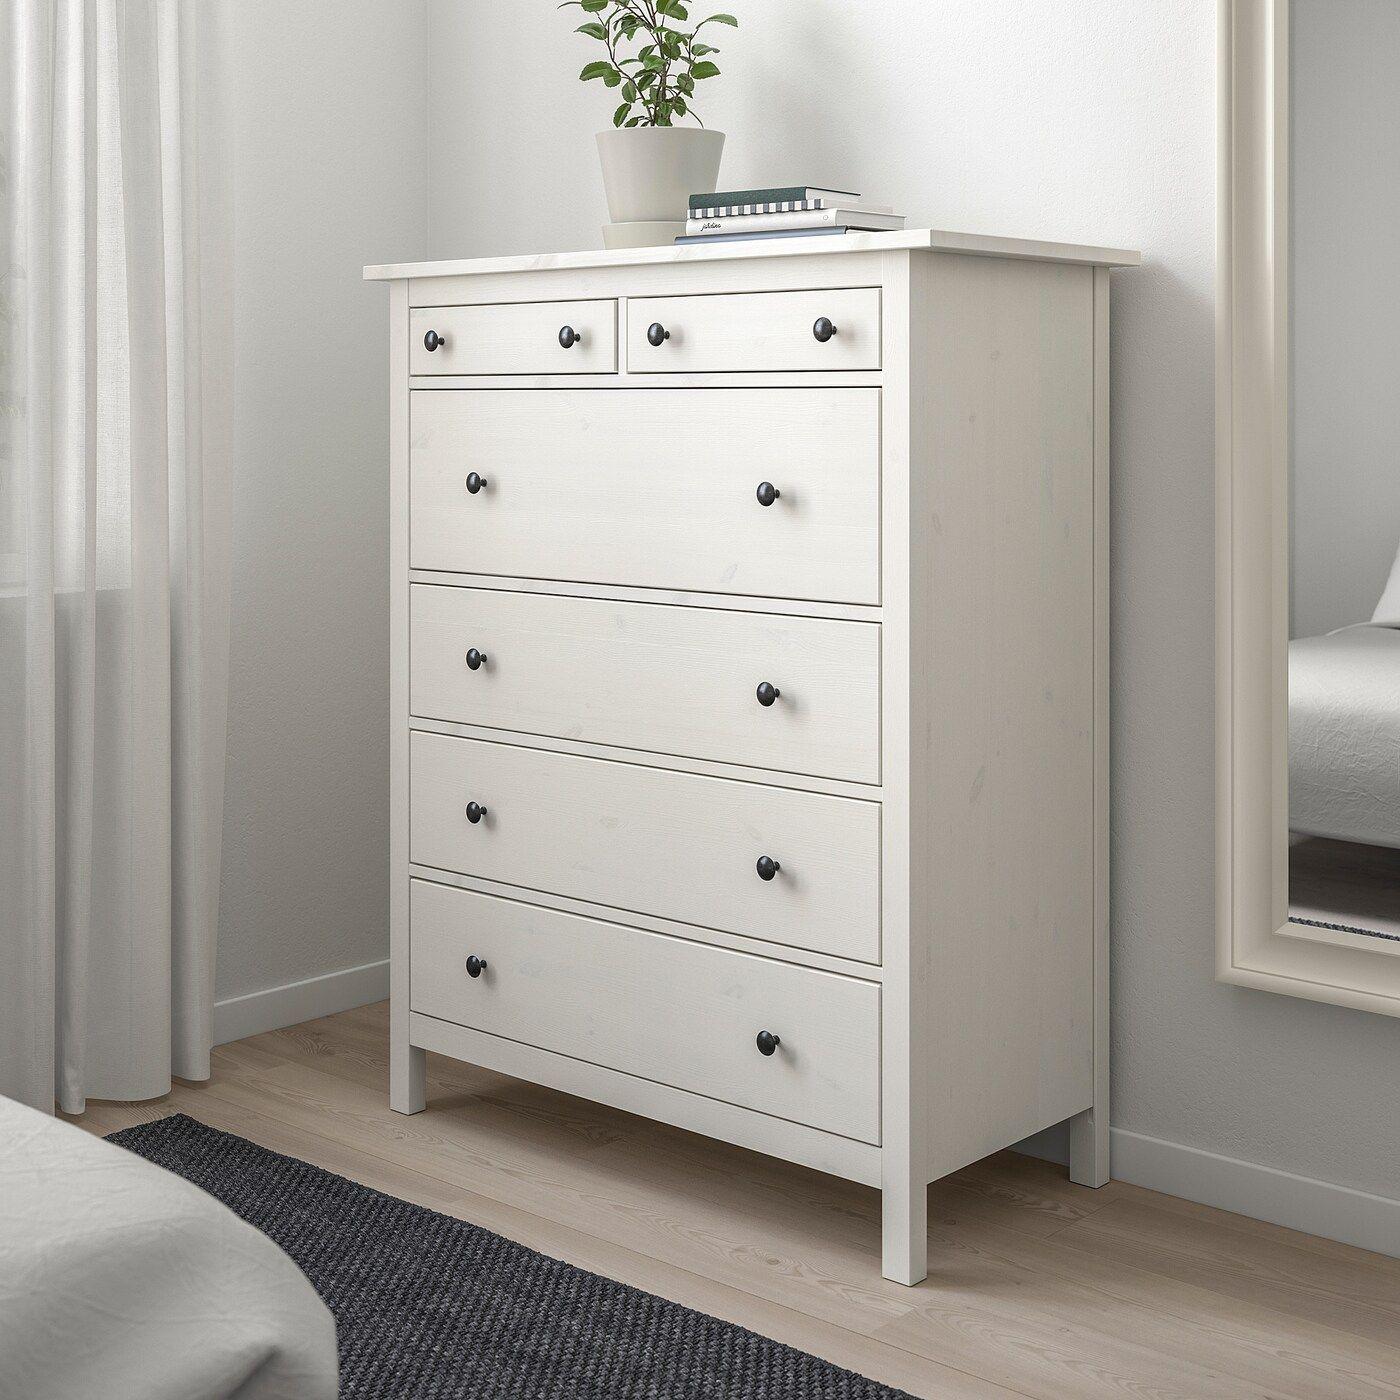 Ikea Hemnes Kommode Weiß 2021